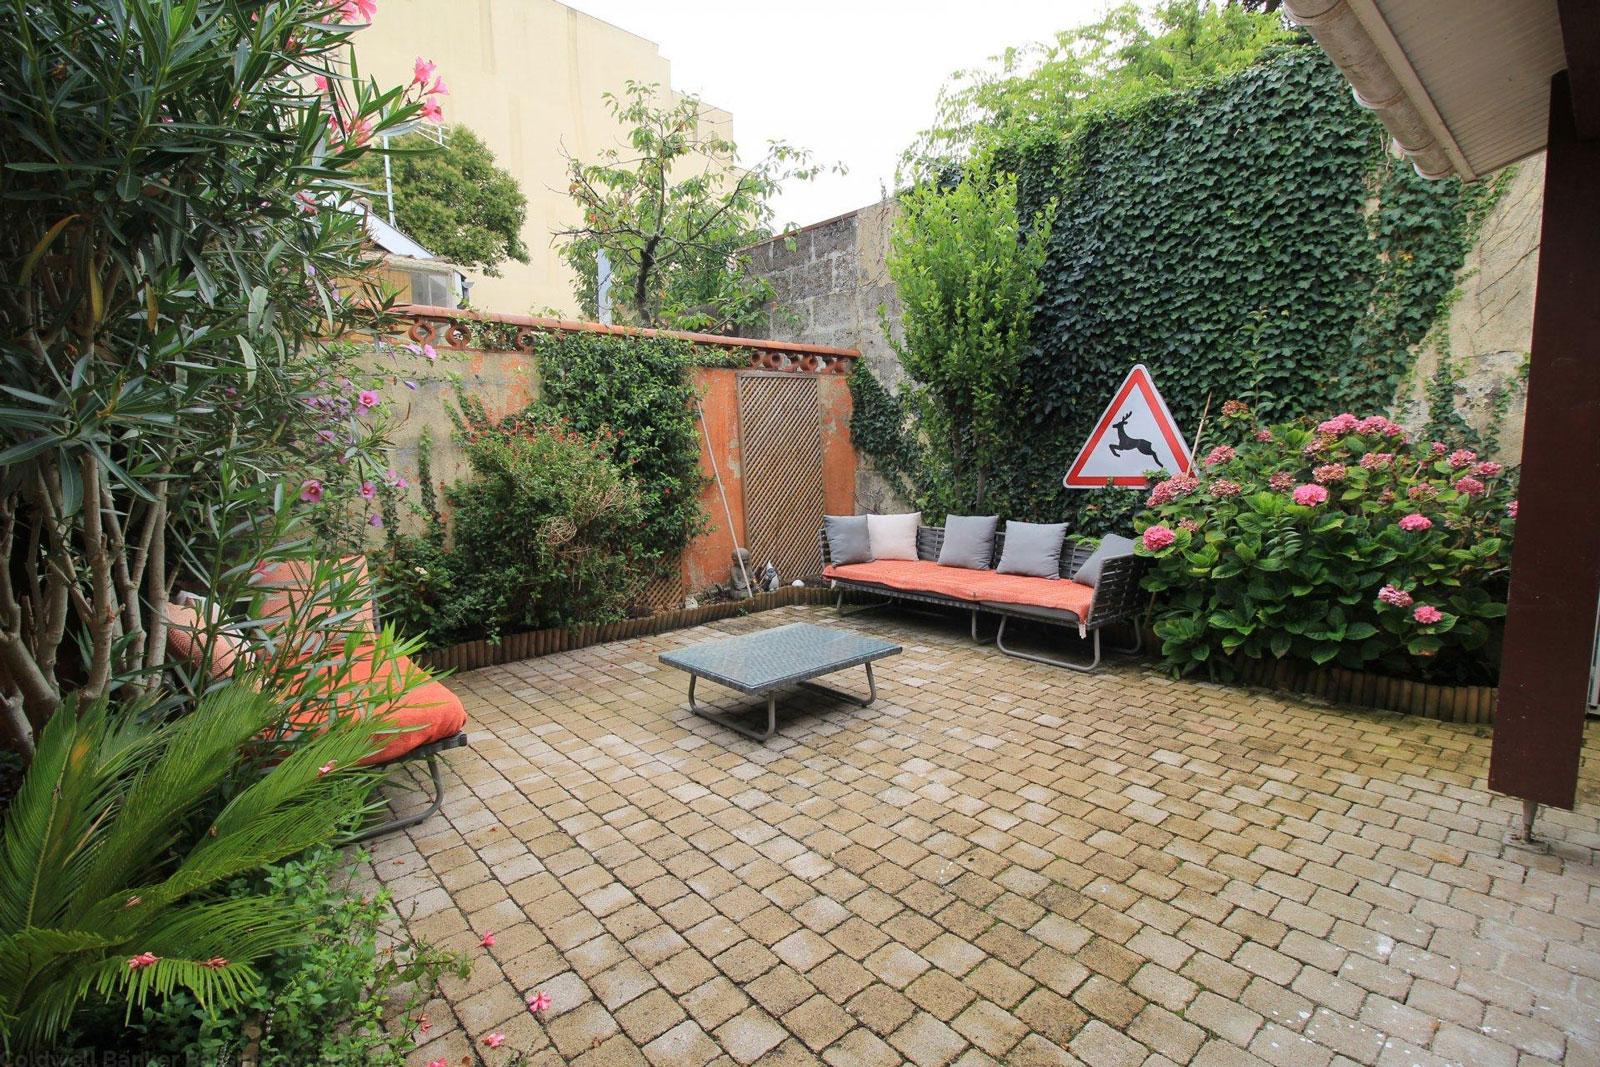 Maison typique bordeaux a vendre proche CHU Galliéni